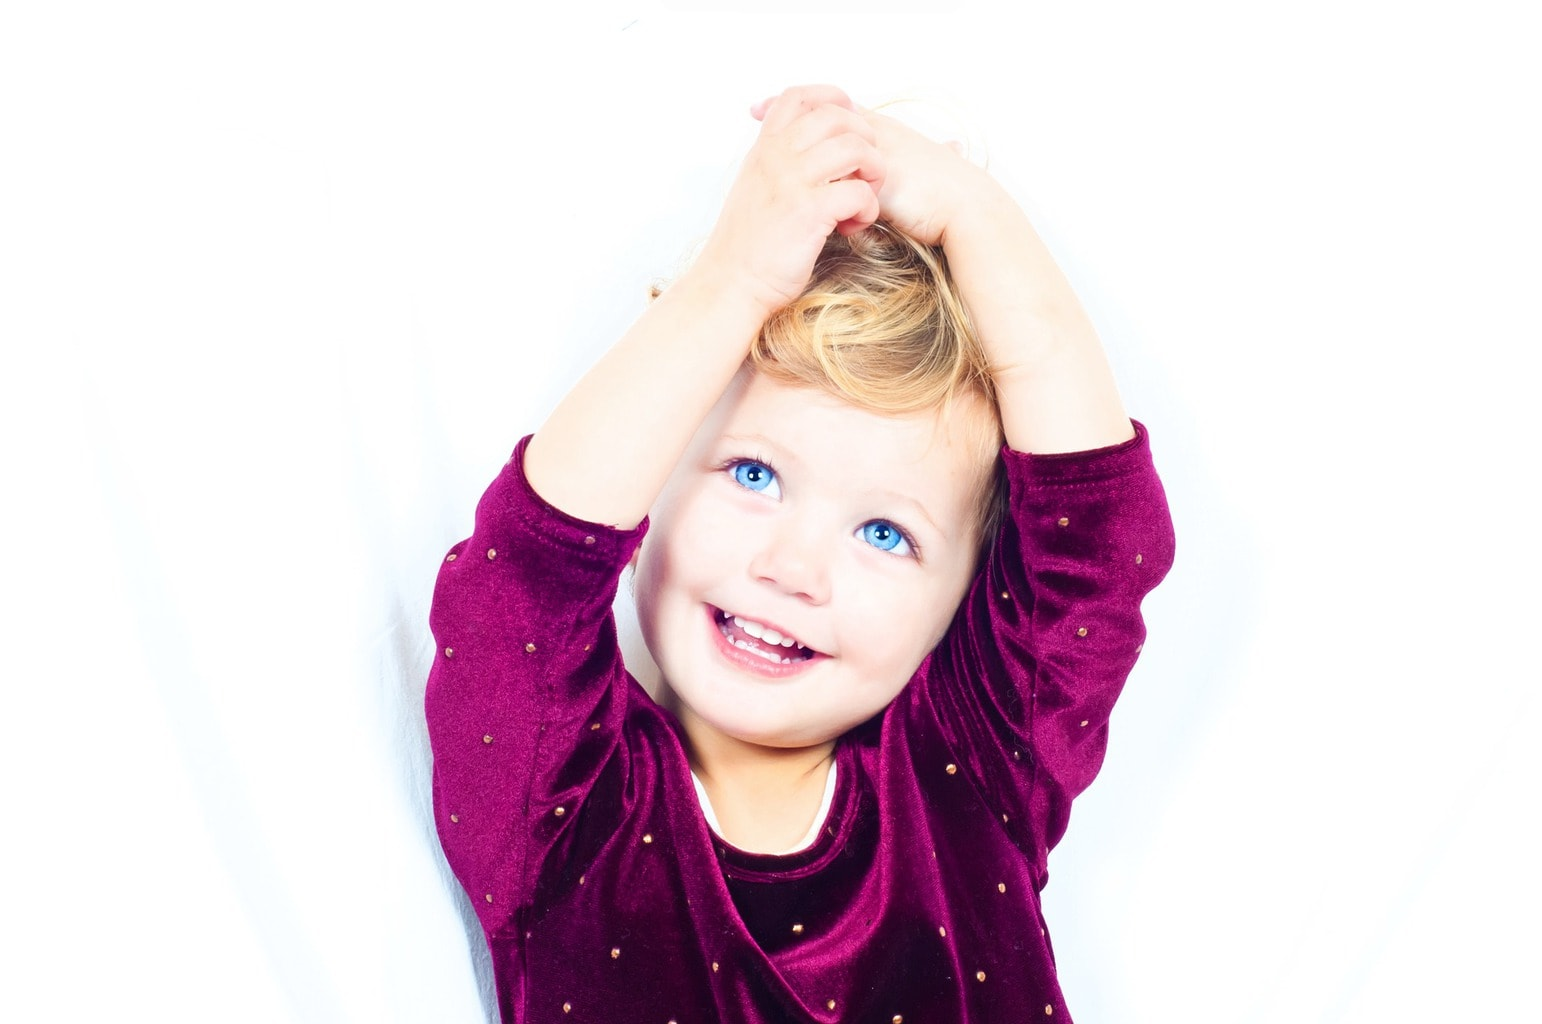 Retrato de una niña con ojos azules